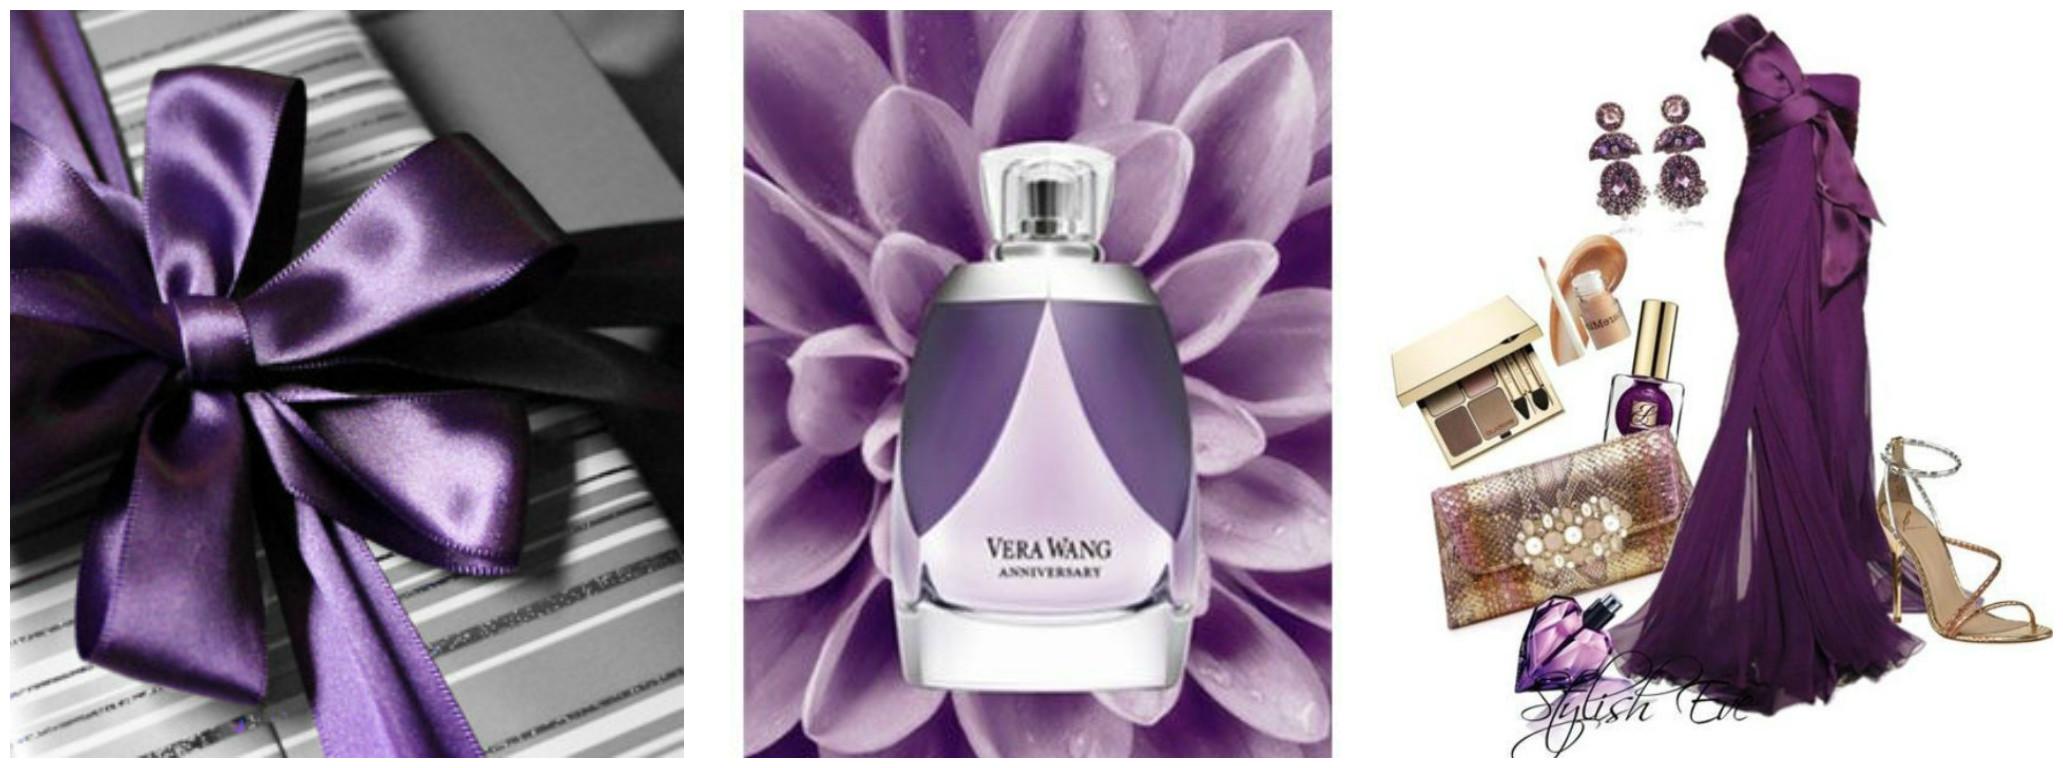 Vera Wang Anniversary perfume